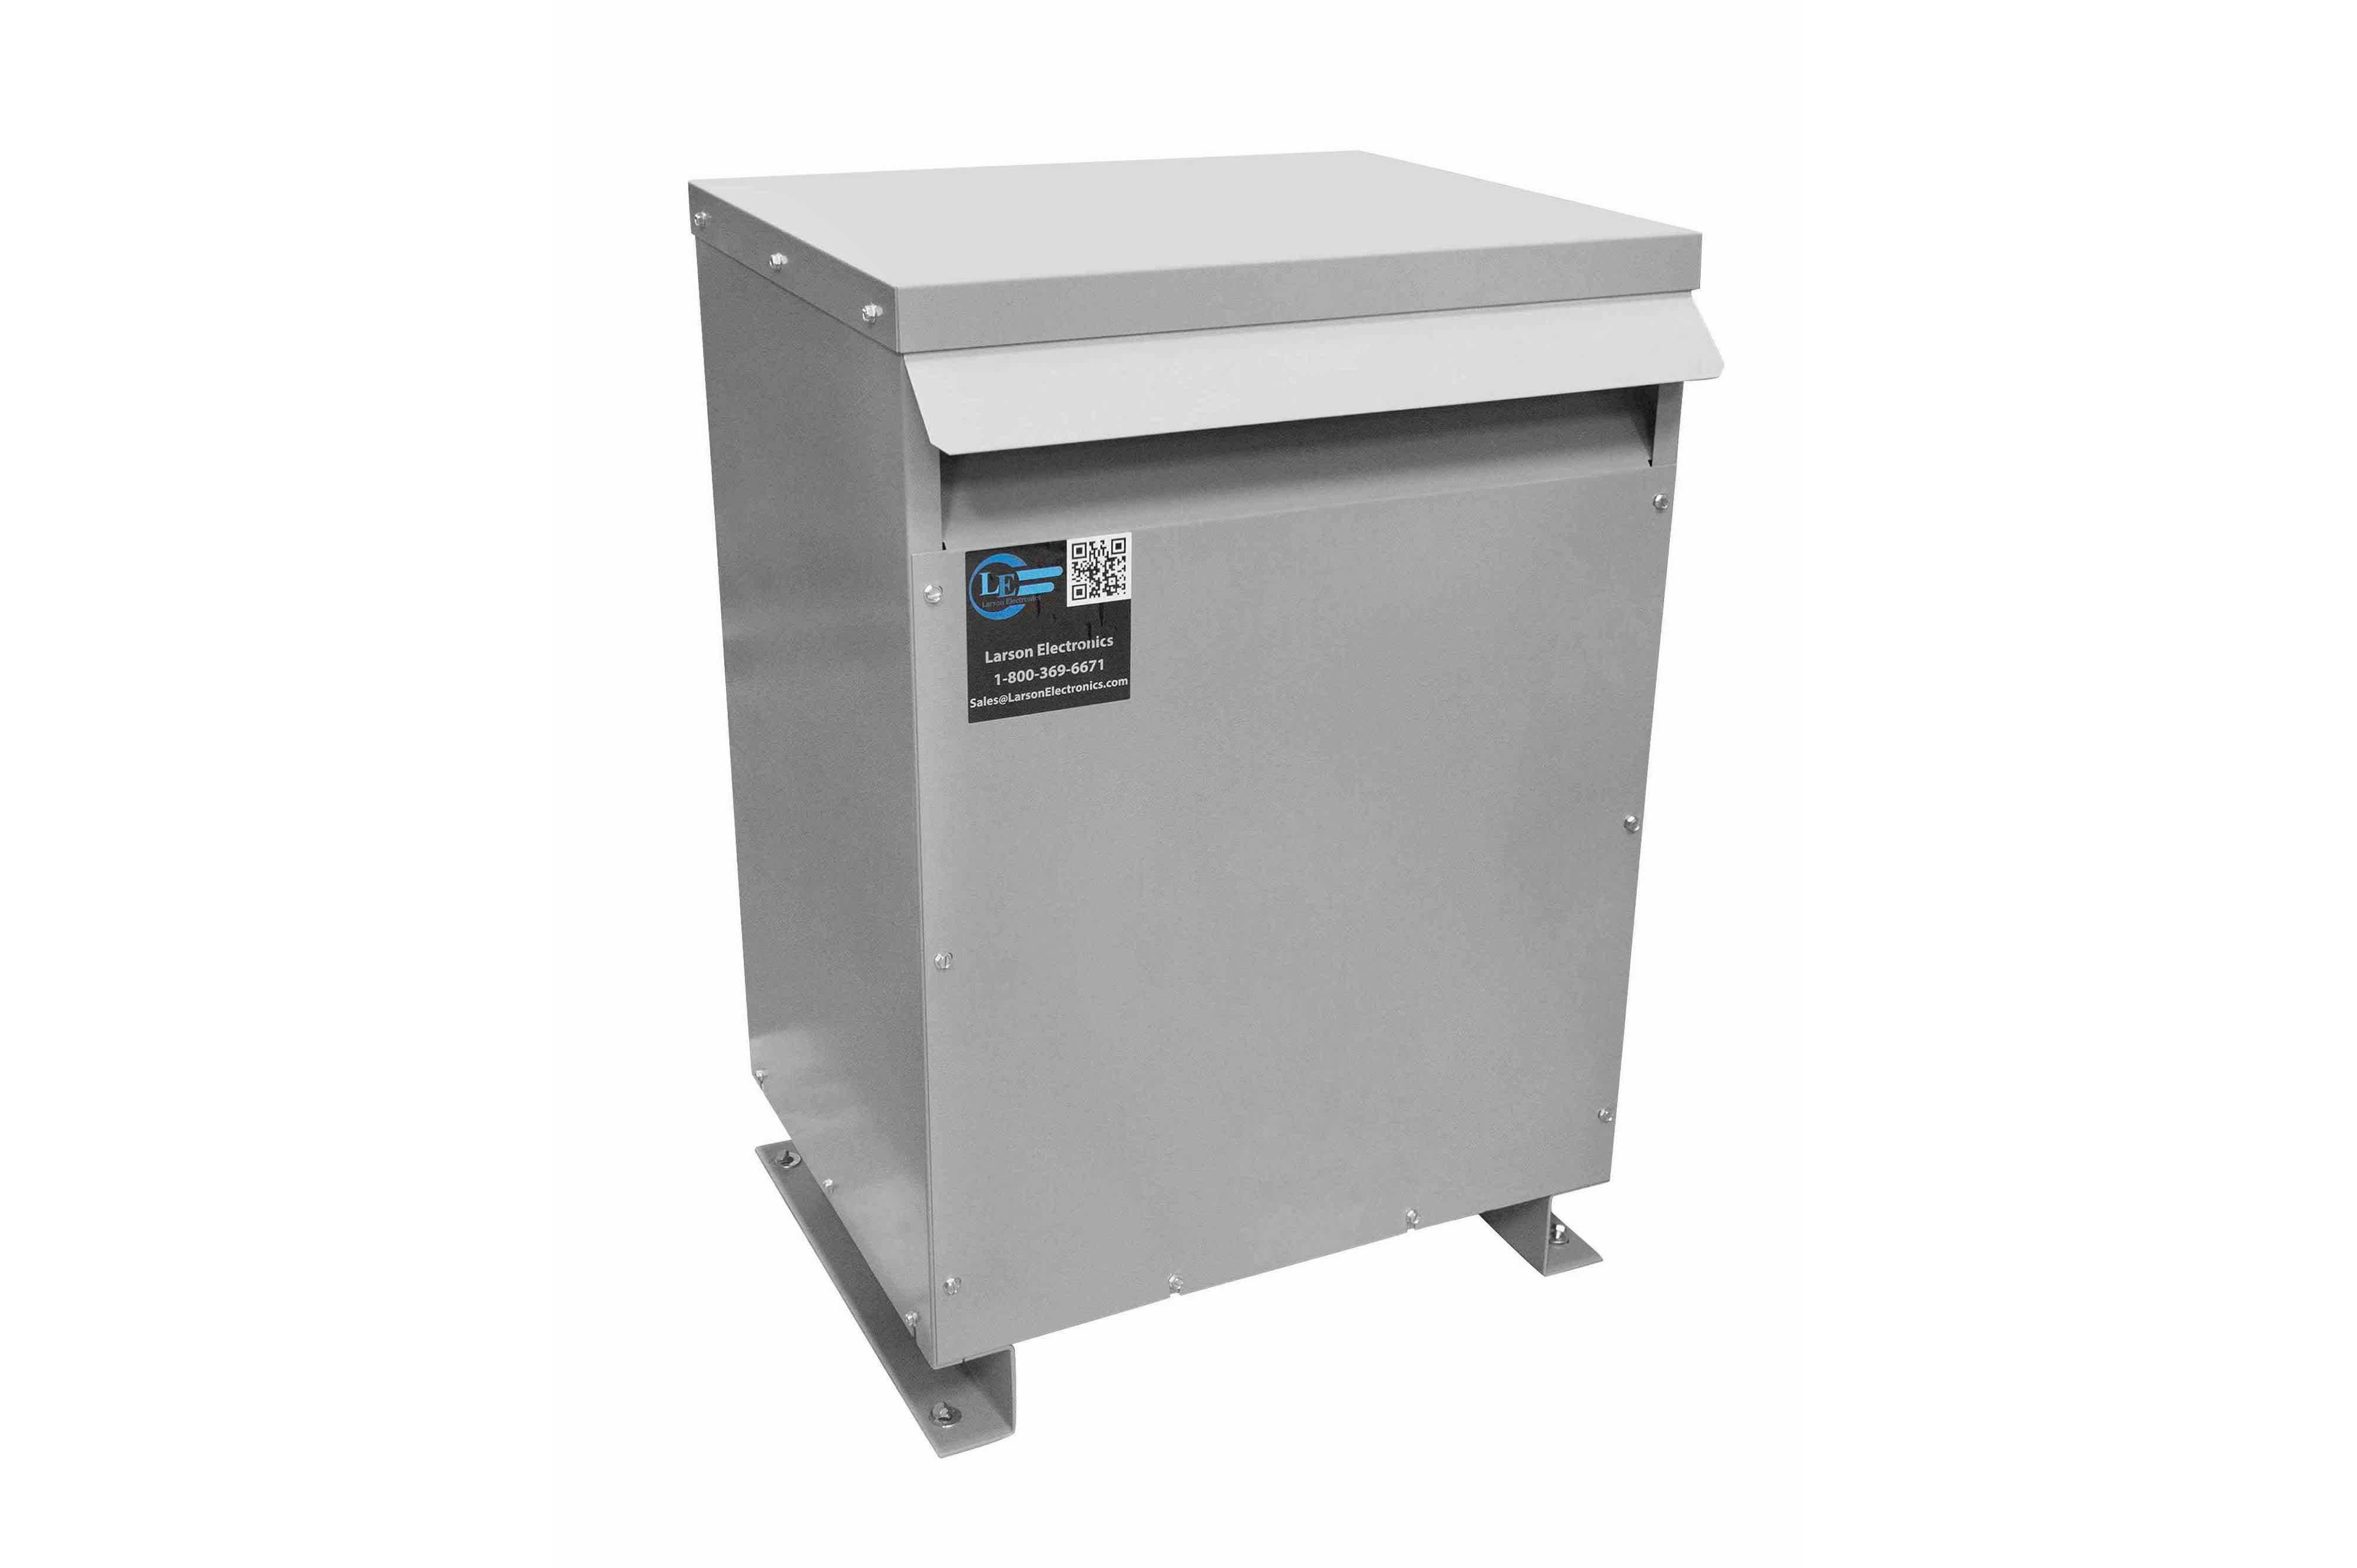 137.5 kVA 3PH Isolation Transformer, 440V Delta Primary, 208V Delta Secondary, N3R, Ventilated, 60 Hz